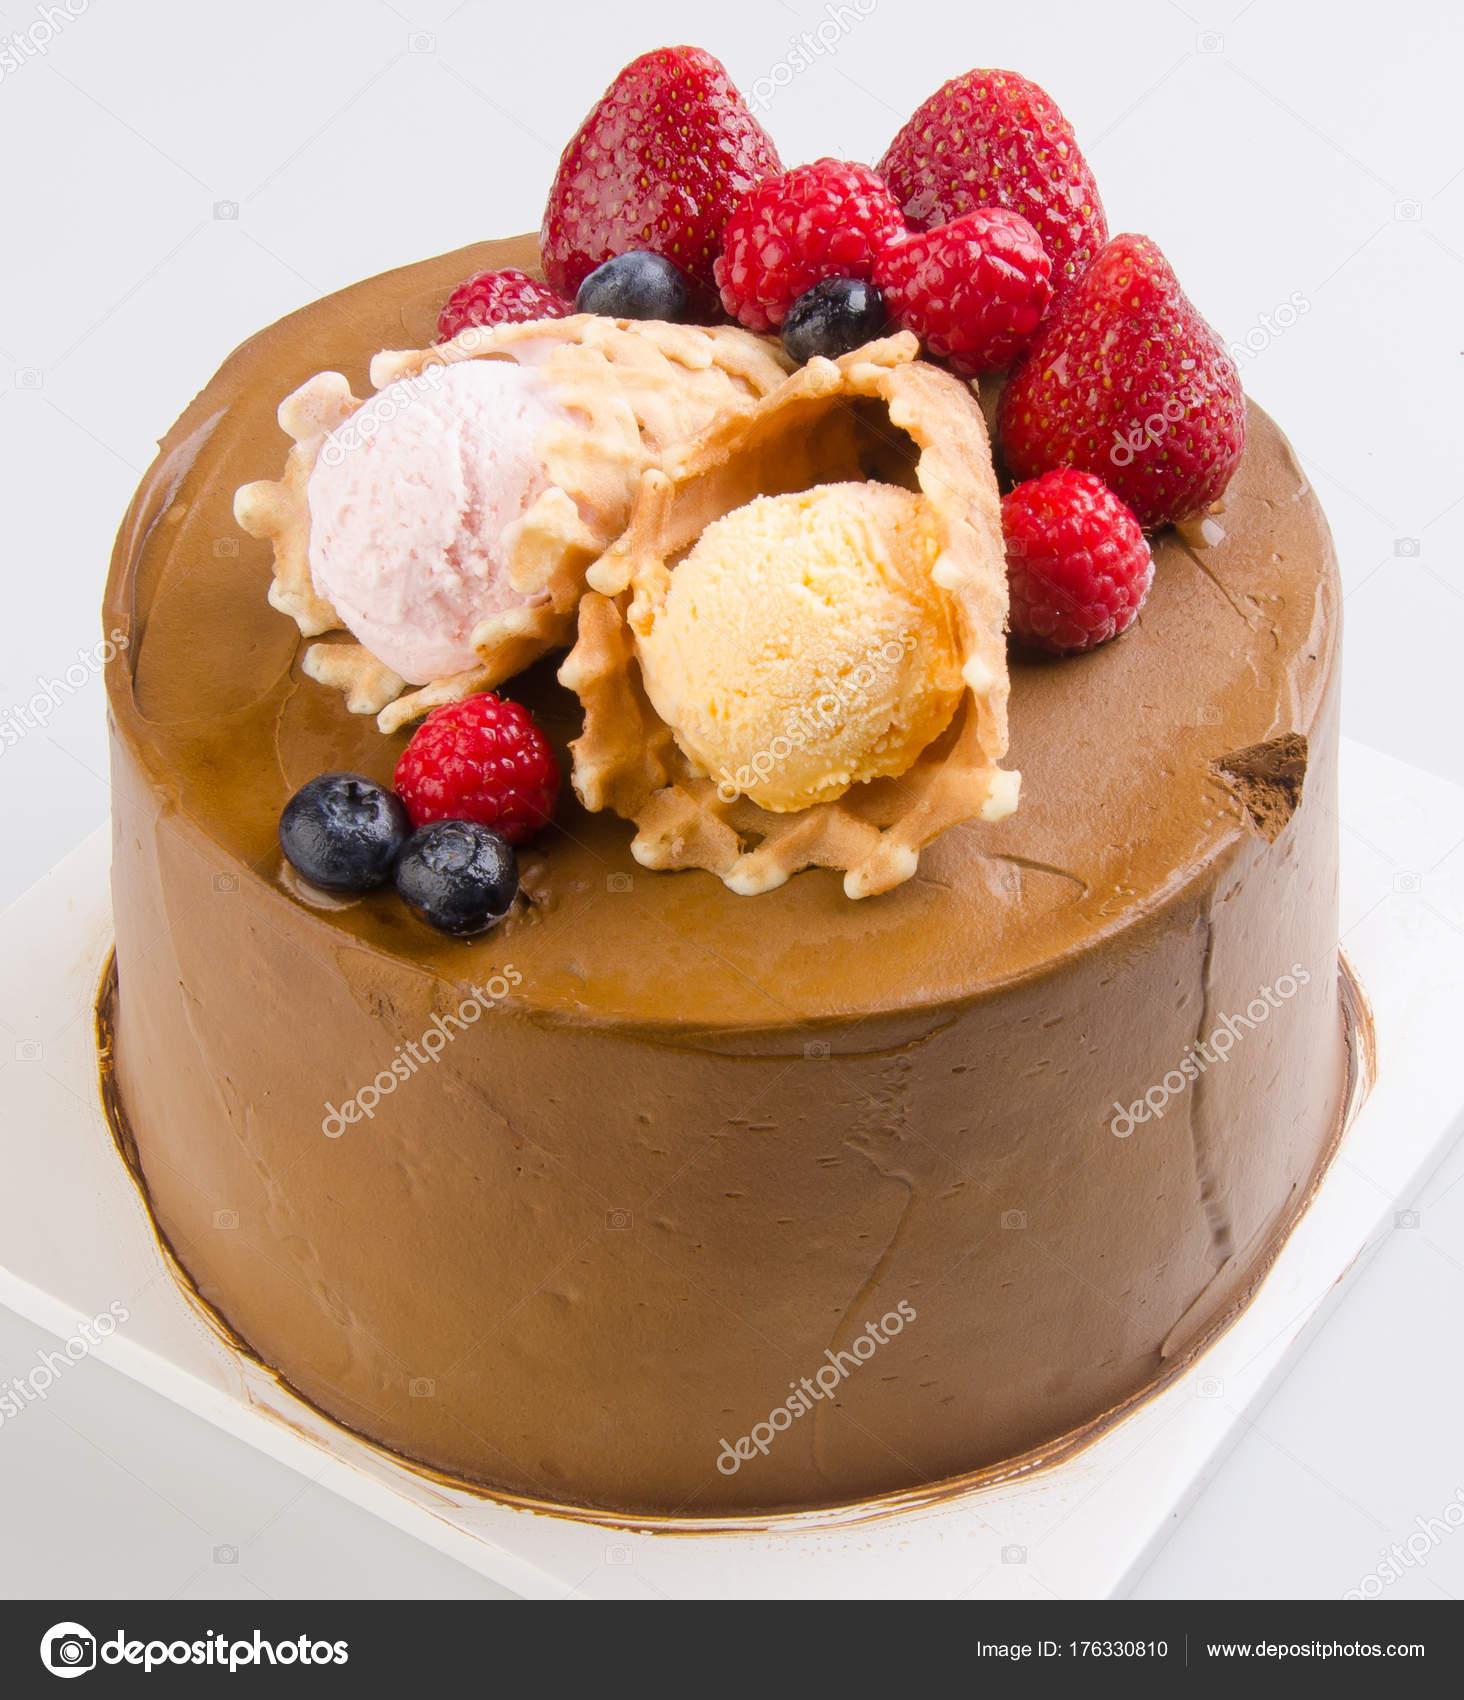 Kuchen Eis Kuchen Auf Hintergrund Stockfoto C Heinteh 176330810